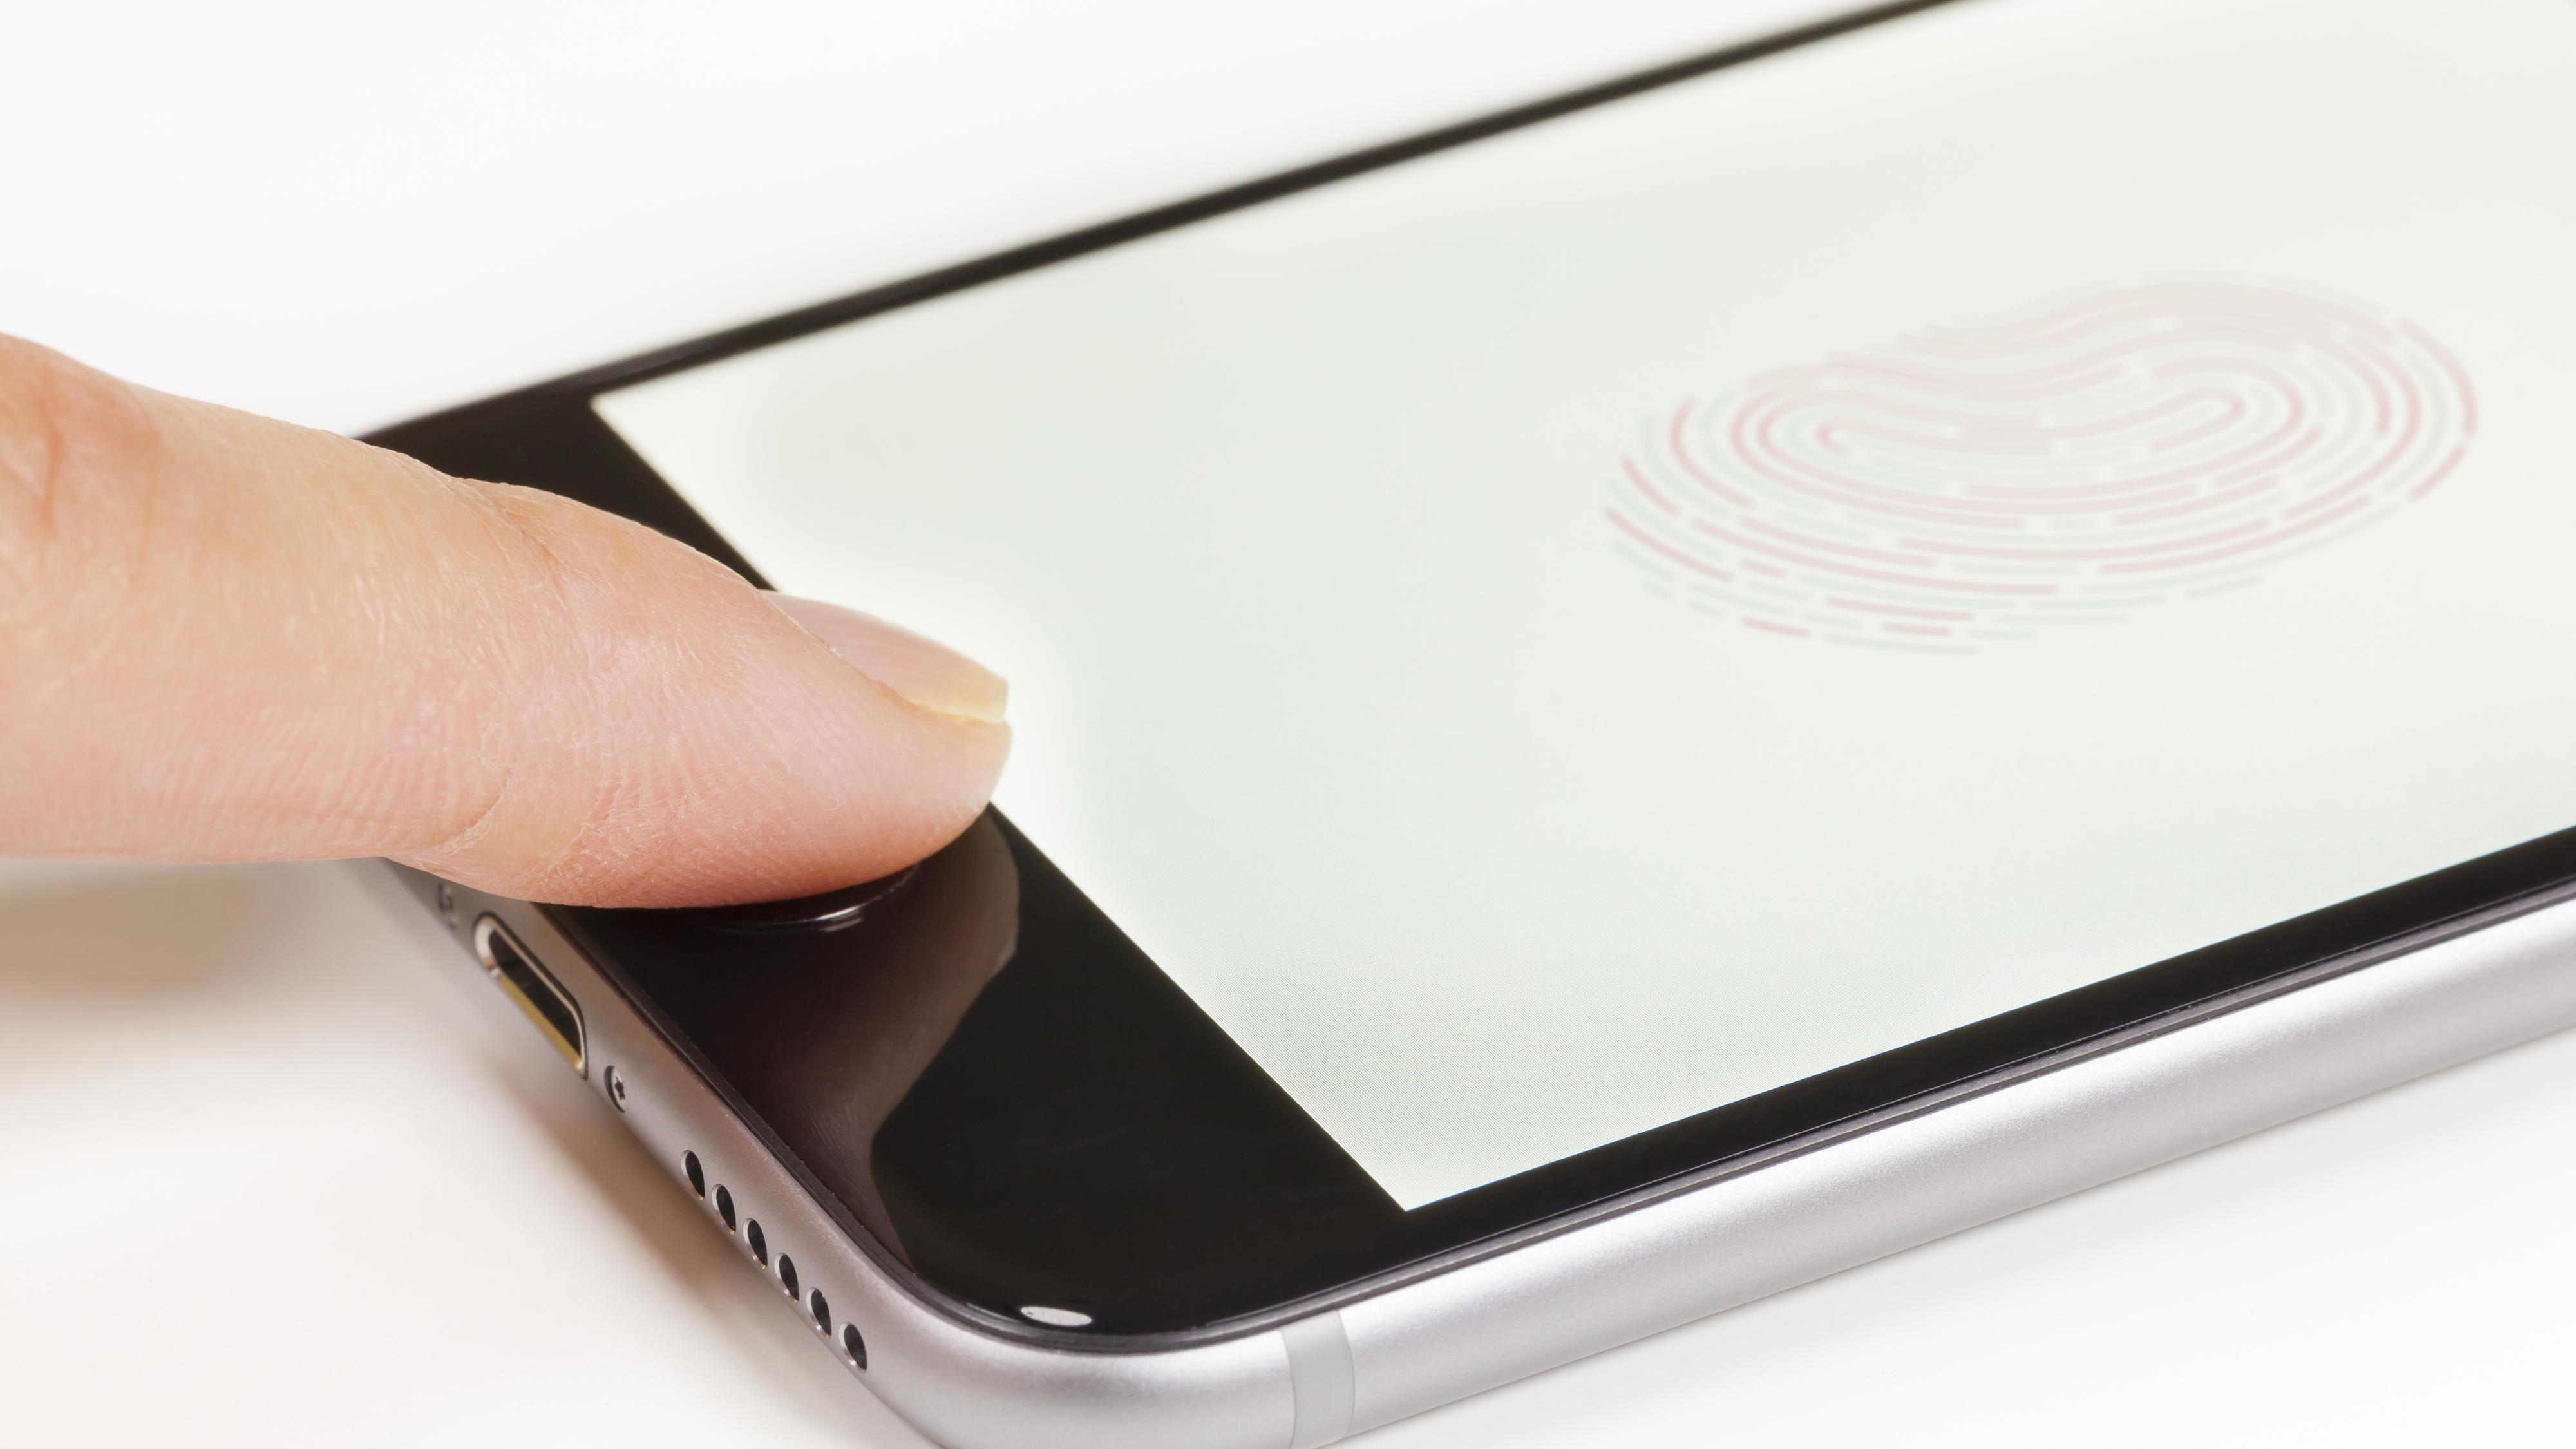 Norsk kvinne kan bli tvunget til å låse opp mobilen sin med fingeravtrykk